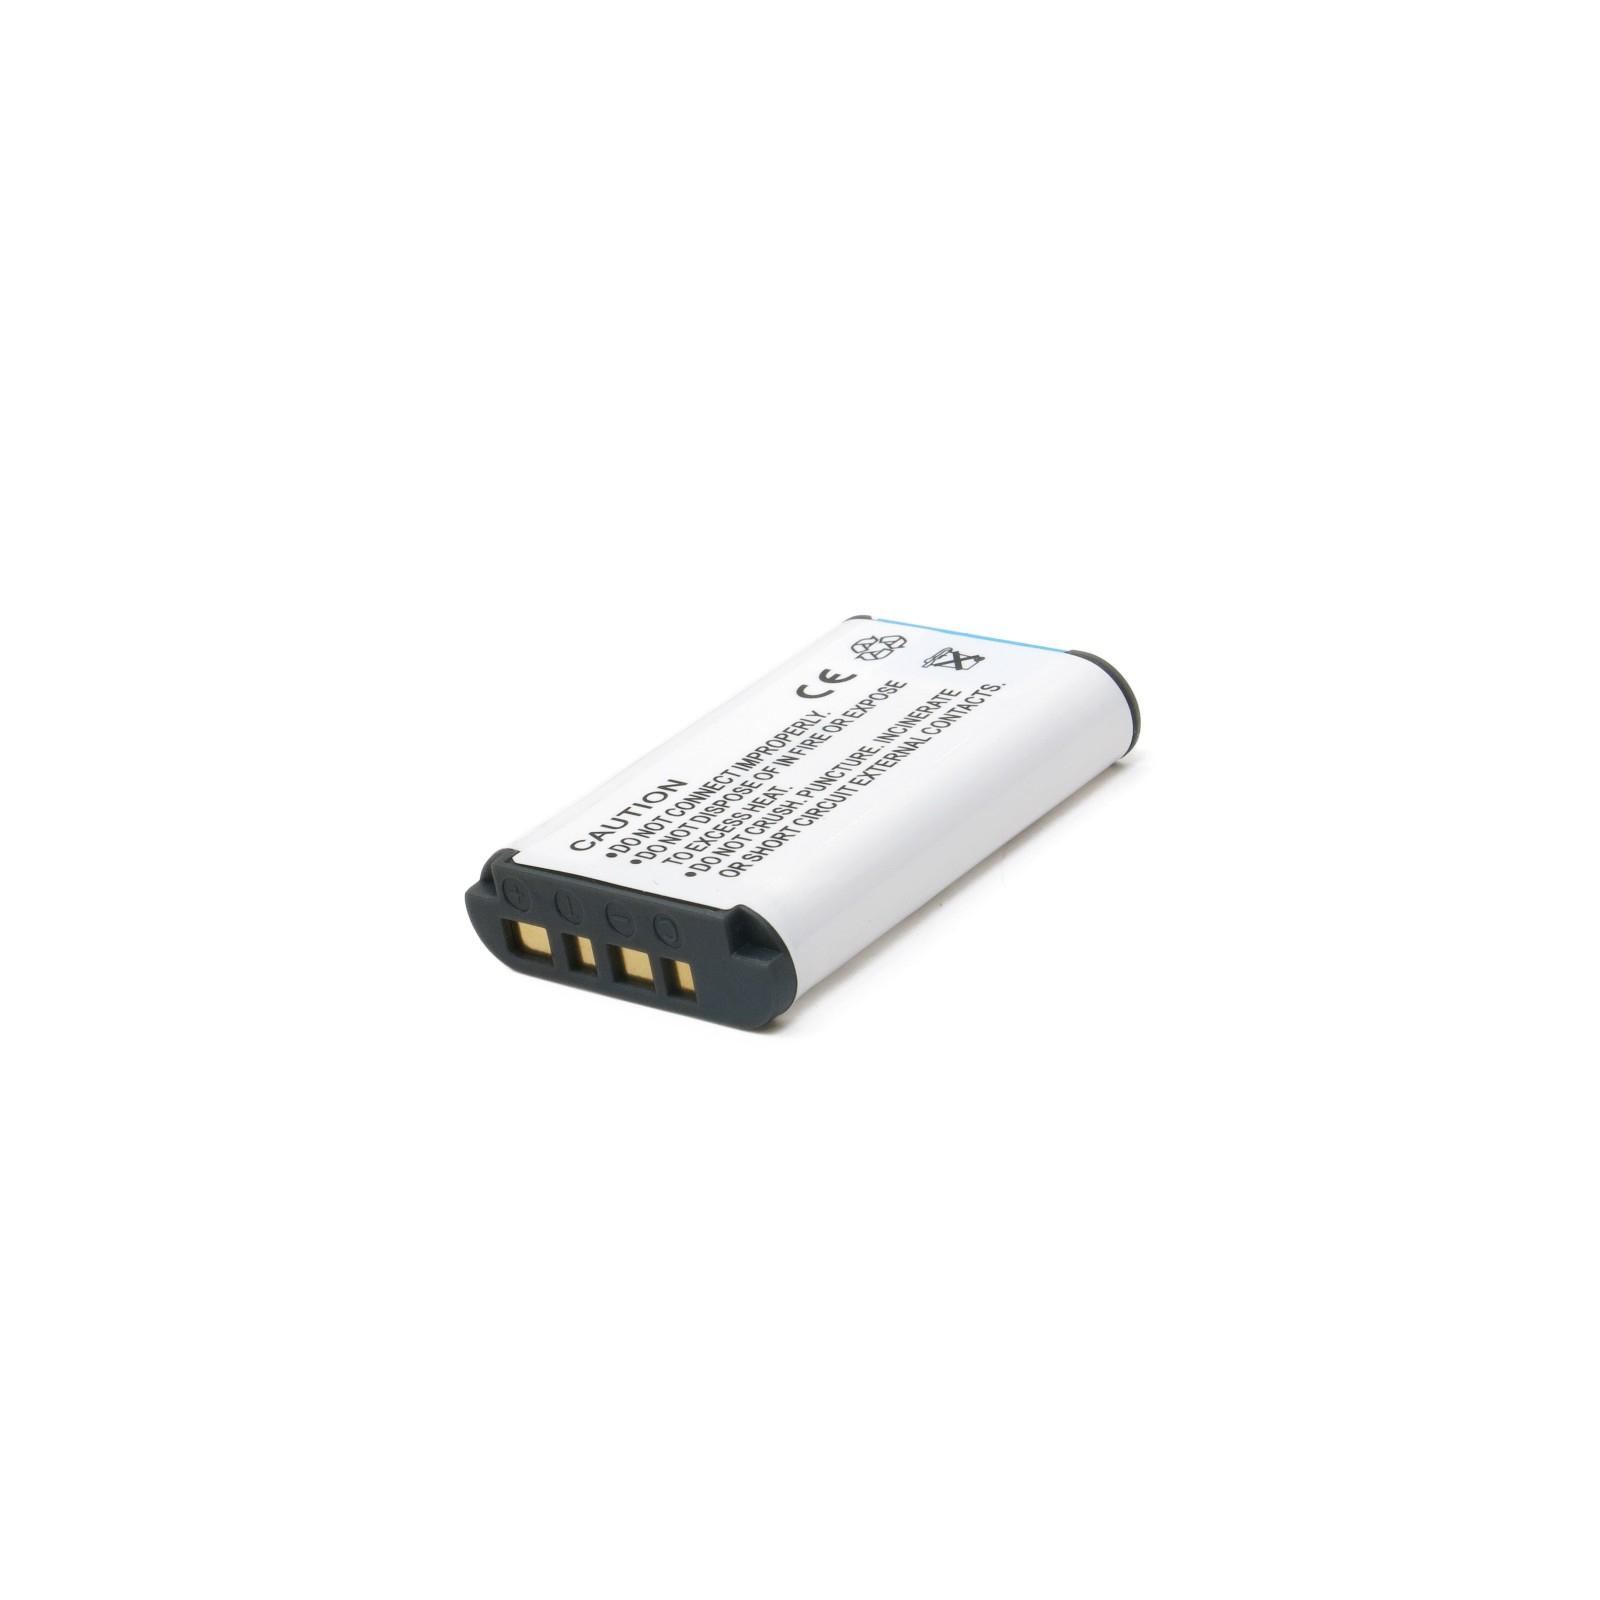 Аккумулятор к фото/видео EXTRADIGITAL Sony NP-BX1 (BDS2648) изображение 4